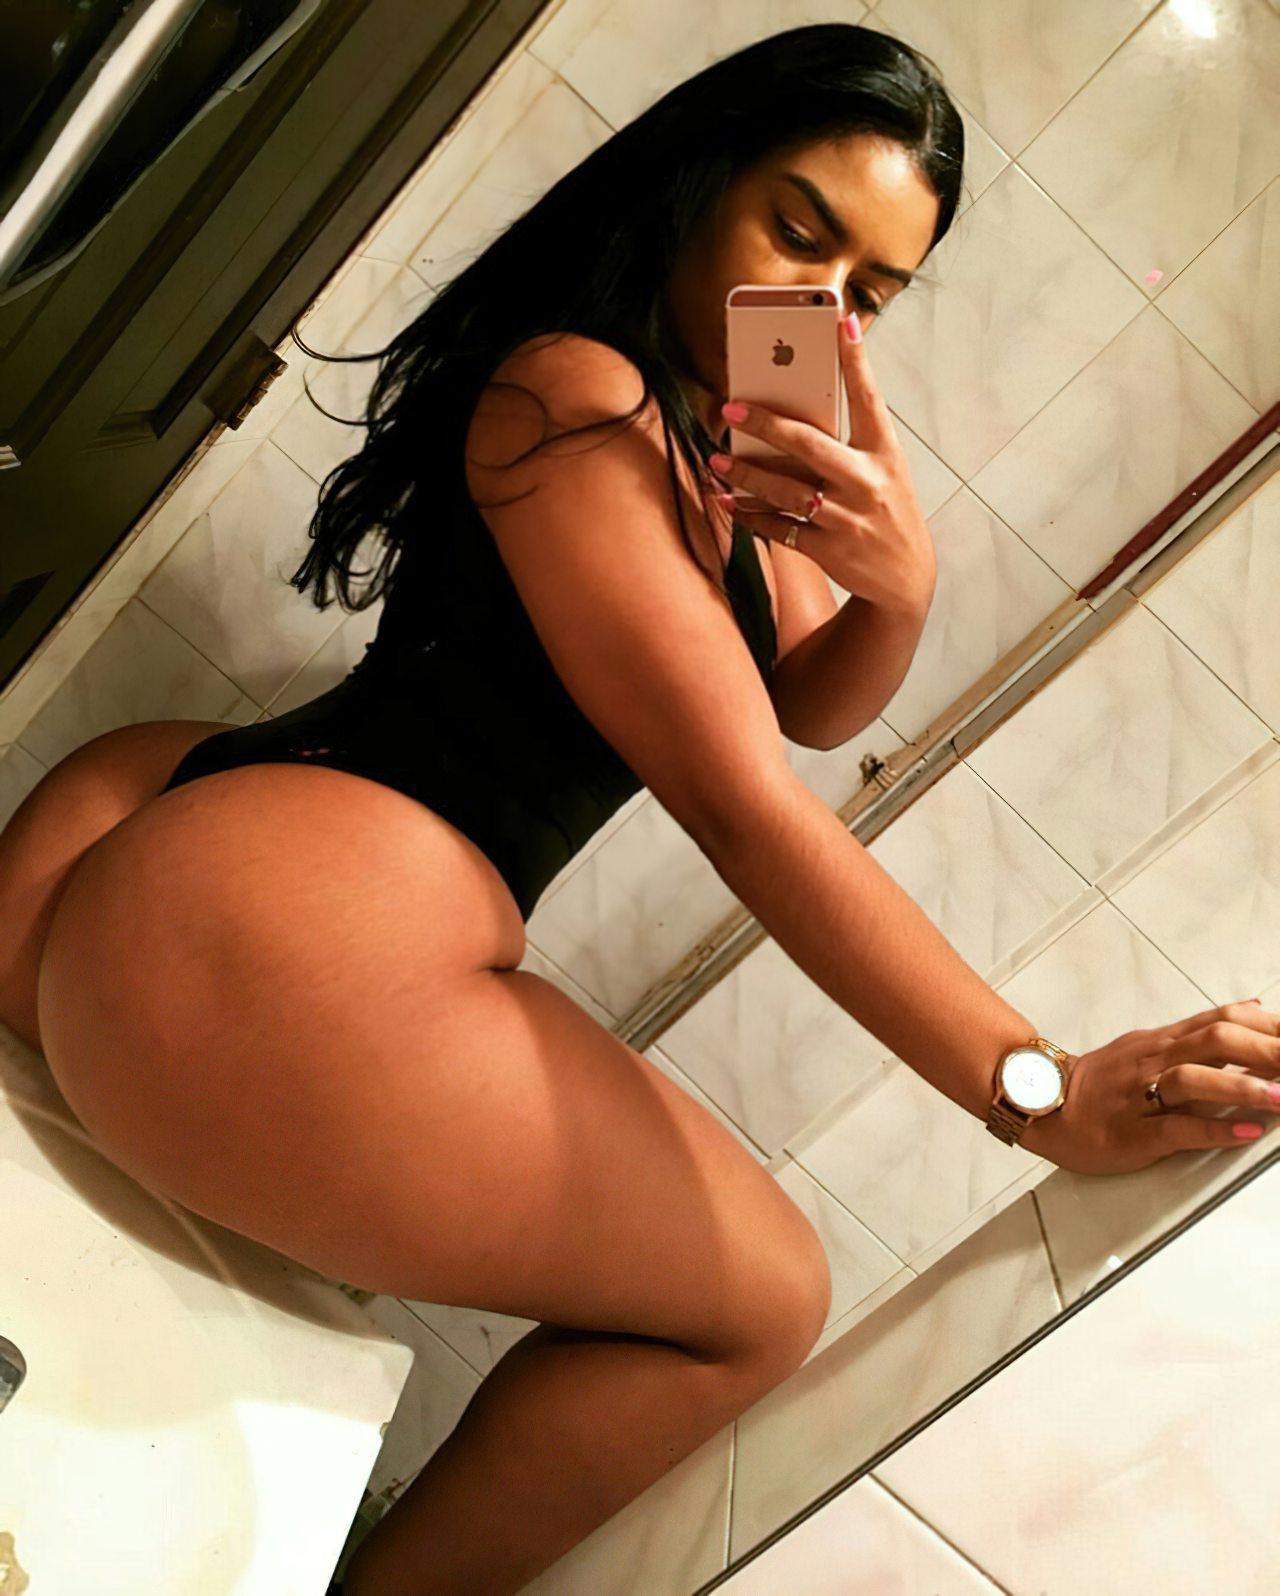 Gostosa Tirando Foto Banheiro